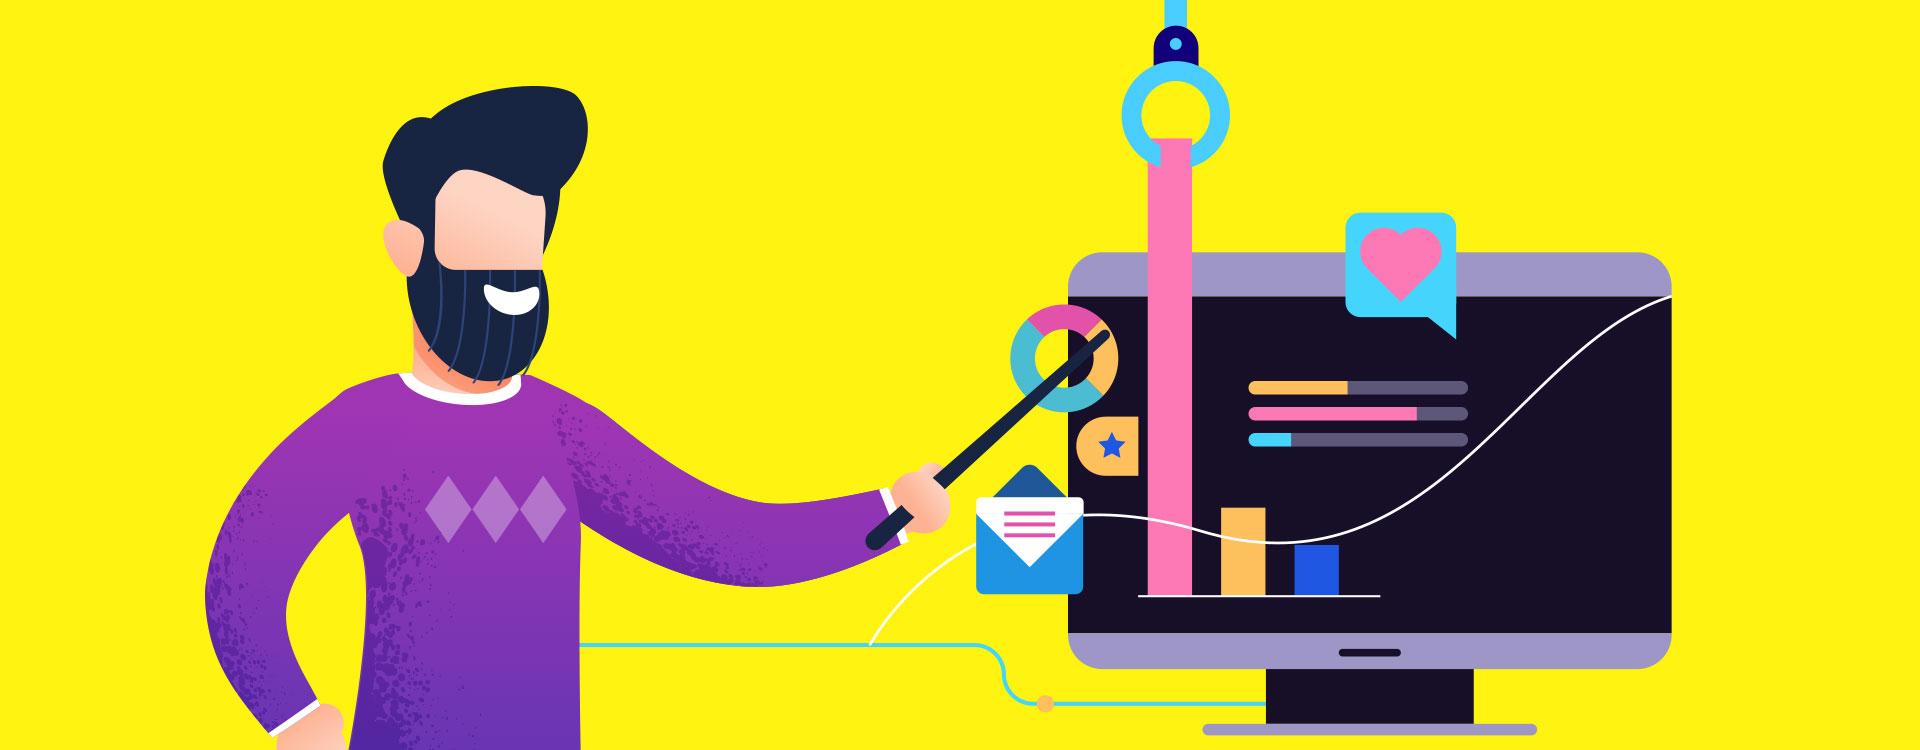 5 głównych trendów w marketingu internetowym roku 2019